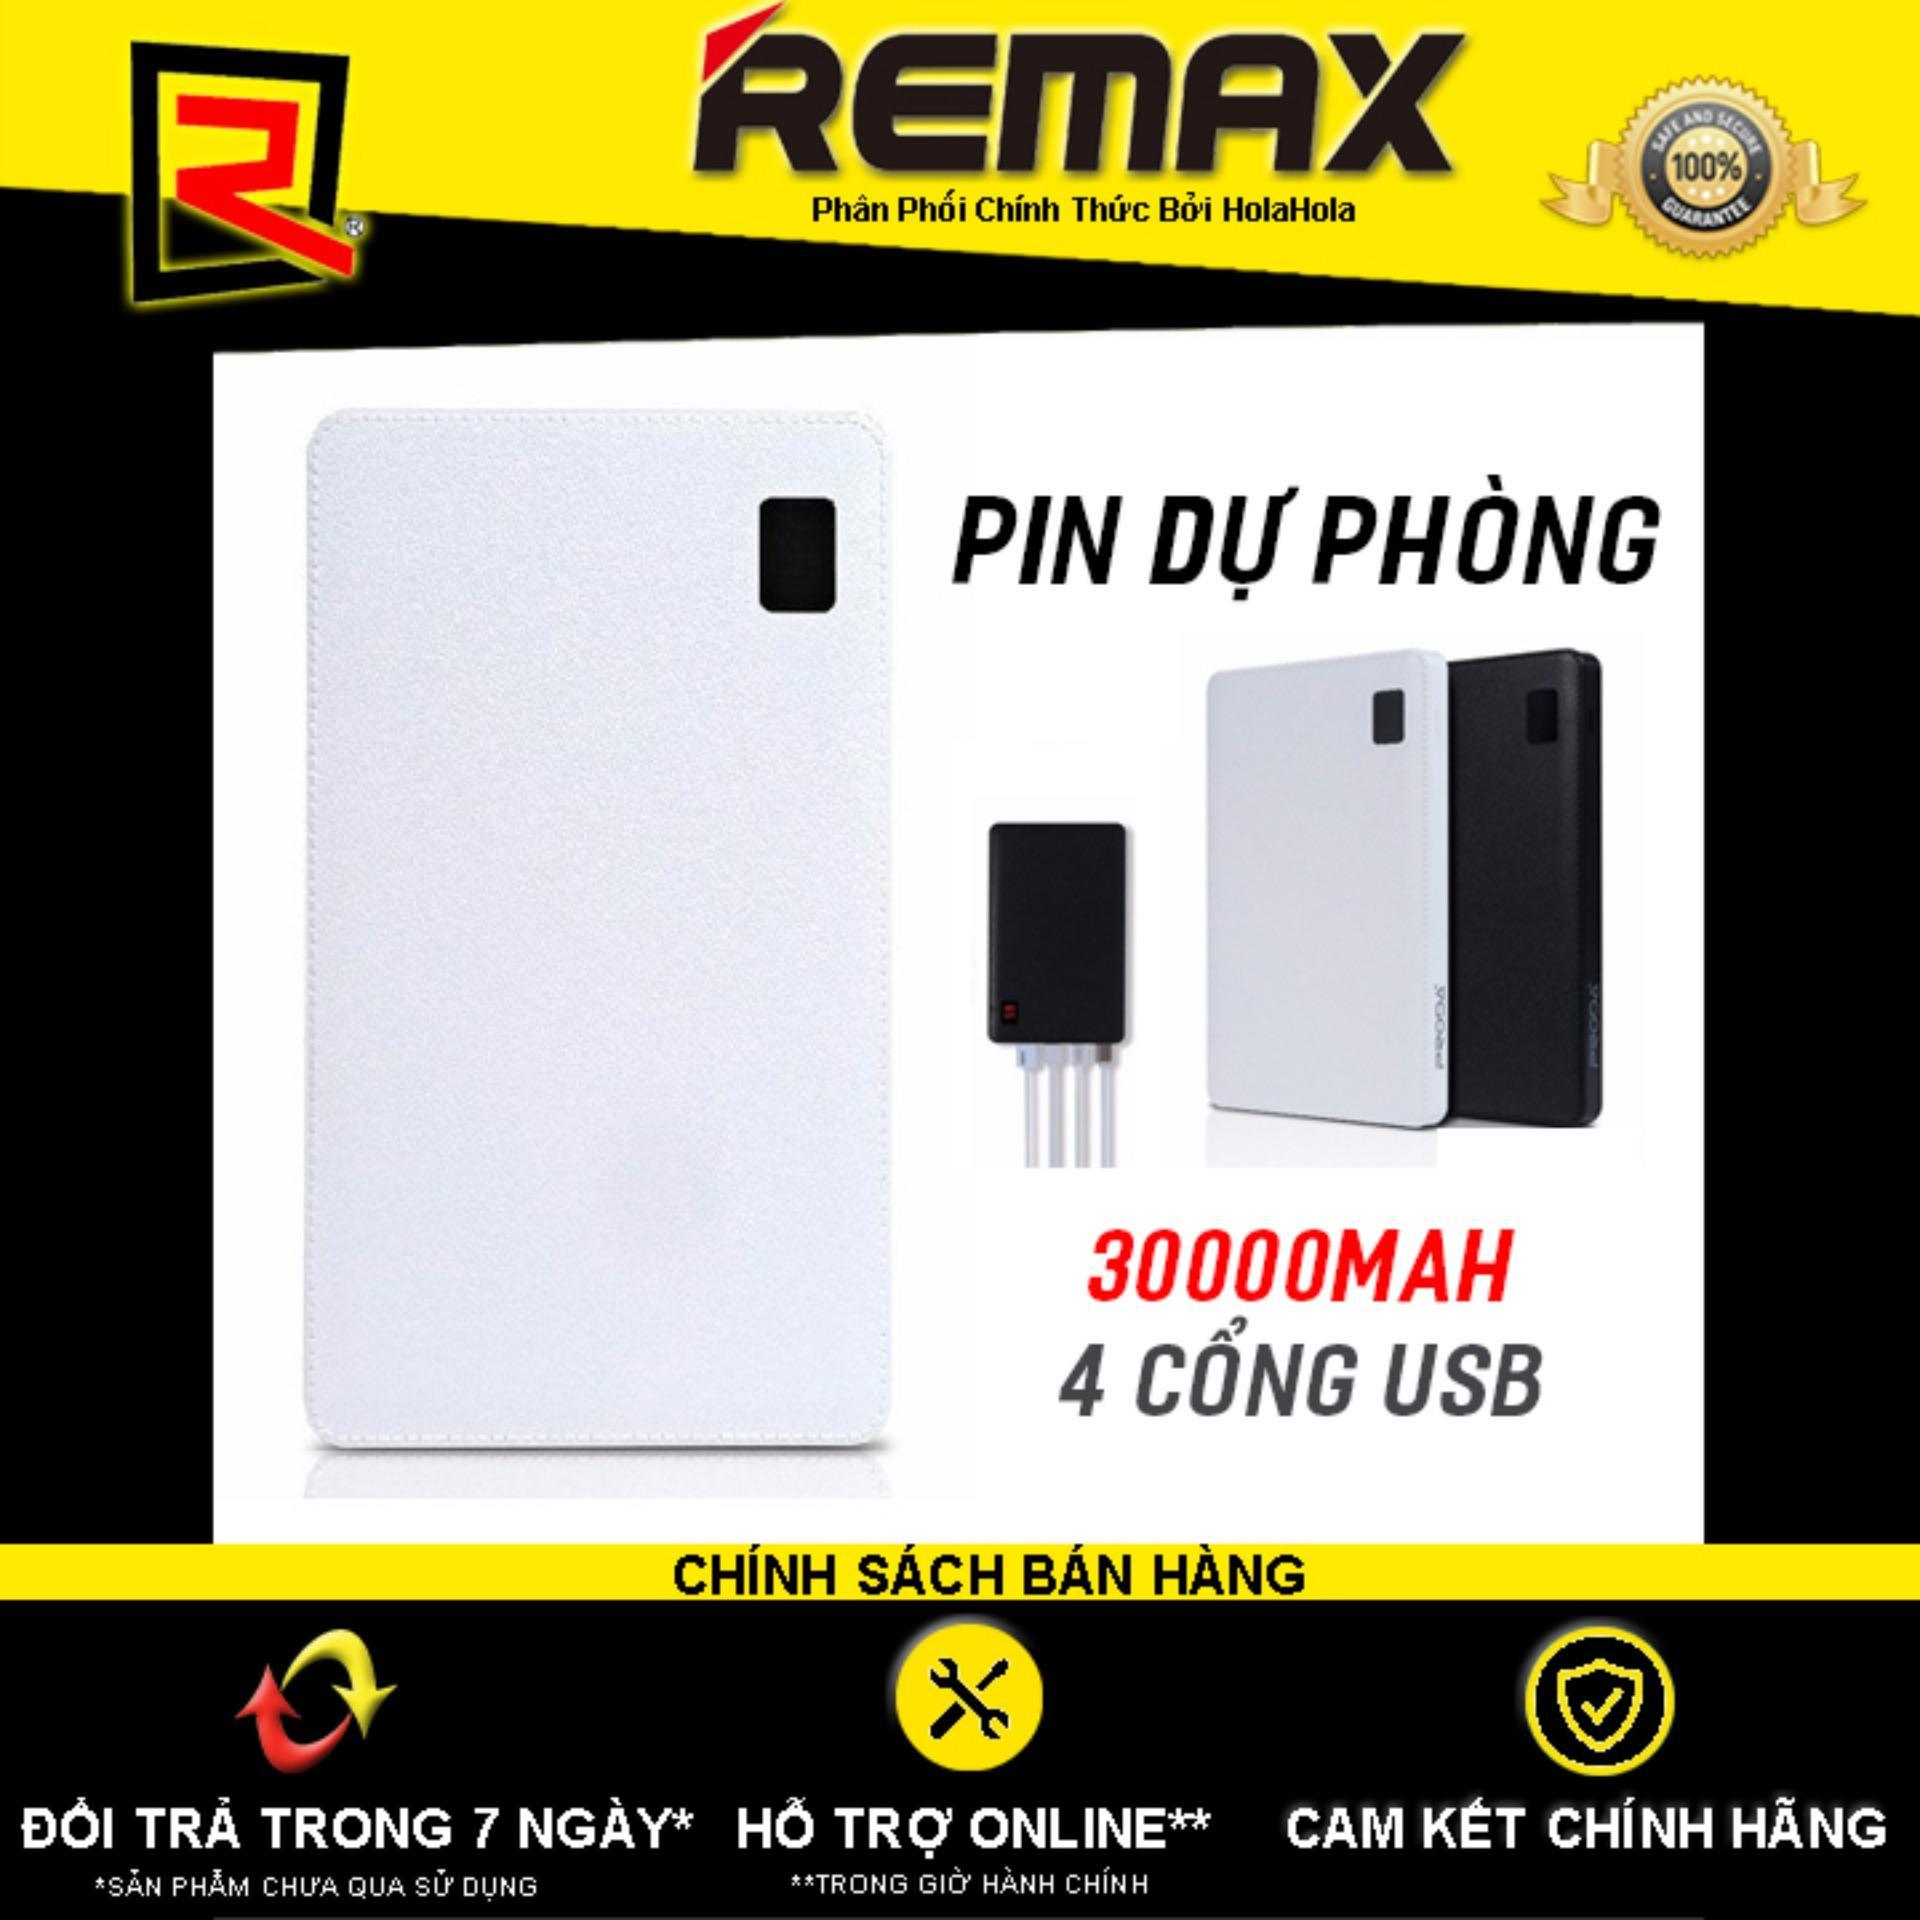 Pin Dự Phòng Remax Proda Notebook 30000mah 4 cổng USB - Hãng Phân Phối Chính Thức